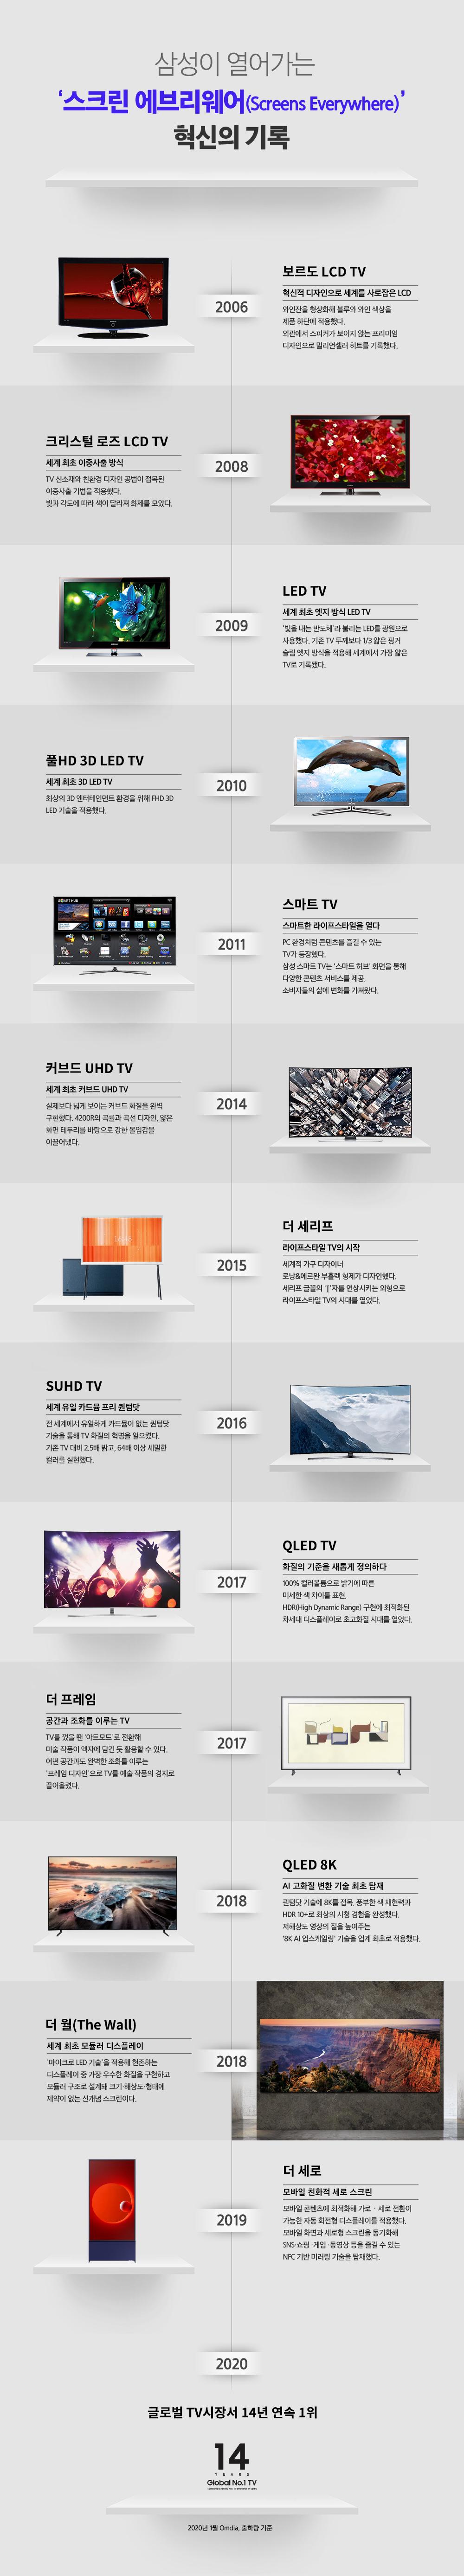 삼성이 열어가는 '스크린 에브리웨어(Screens Everywhere)' 혁신의 기록 2006 보르도 LCD TV 혁신적 디자인으로 세계를 사로잡은 LCD 와인잔을 형상화해 블루와 아인 색상을 제품 하단에 적용했다. 외관에서 스피커가 보이지 않는 프리미엄 디자인으로 밀리언셀러 히트를 기록했다. 2008 크리스털 로즈 LCD TV 세계 최초 이중사출 방식 TV 신소재와 친환경 디자인 공법이 접목된 이중사출 기법을 적용했다. 빛과 각도에  따라 색이 달라져 화제를 모았다.  2009 LED TV 세계 최초 엣지 방식 LED TV '빛을 내는 반도체'라 불리는 LED를 광원으로 사용했다. 기존 TV 두께보다 1/3 얇은 핑거 슬림 엣지 방식을 적용해 세계에서 가장 얇은 TV로 기록 됐다. 2010 풀 HD 3D LED TV 세계 최초 3D LED TV 최상의 3D 엔터테인먼트 환경을 위해 FHD 3D LED 기술을 적용했다. 2011 스마트 TV 스마트한 라이프스타일을 열다 PC 환경처럼 콘텐츠를 즐길 수 있는 TV가 등장했다. 삼성 스마트 TV는 '스마트 허브' 화면을 통해 다양한 콘텐츠 서비스를 제공, 소비자들의 삶에 변화를 가져왔다. 2014 커브드 UHD TV 세계 최초 커브드 커브드 UHD TV 실제보다 넓게 보이는 커브드 화질을 완벽 구현했다. 4200R의 곡률과 곡선 디자인, 얆은 화면 테두리를 바탕으로 강한 몰입감을 이끌어냈다. 2015 더 세리프 라이프스타일 TV의 시작 세계적 가구 디자이너 로낭&에르완 형제가 디자인했다. 세레프 글꼴의 'I'자를 연상시키는 외형으로 라이프스타일 TV의 시대를 열었다. 2016 SUHD TV 세계 유일 카드뮴 프리 퀀텀닷 전 세계에서 유일하게 카드뮴이 없는 퀀텀닷 기술을 통해 TV 화질의 혁명을 일으켰다. 기존 TV 대비 2.5배 밝고, 64배 이상 세밀한 컬러를 실현했다. 2017 QLED TV 화질의 기준을 새롭게 정의하다 100% 컬러볼륨으로 밝기에 따른 미세한 색 차이를 표현, HDR(High Dynamic Range) 구현에 최적화된 차세대 디스플레이로 초고화질 시대를 열었다. 2017 더 프레임 공간과 조화를 이루는 TV TV를 껐을 땐 '아트모드'로 전환해 미술 작품이 액자에 담긴 듯 활용할 수 있다. 어떤 공간과도 완벽한 조화를 이루는 '프레임 디자인'으로 TV를 예술 작품의 경지로 끌어올렸다. 2018 QLED 8K AI 고화질 기술 최초 탑재 퀀텀닷 기술에 8K를 접목, 풍부한 색 재현력과 HDR 10+로 최상의 시청 경험을 완성했다. 저해상도 영상의 질을 높여주는 '8K AI 업스케일링' 기술을 업계 최초로 적용했다. 2018 더 월(The Wall) 세계 최초 모듈러 디스플레이 '마이크로 LED 기술'을 적용해 현존하는 디스플레이 중 가장 우수한 화질을 구현하고 모듈러 구조로 설계돼 크기·해상도·형태에 제약이 없는 신개념 스크린이다. 2019 더 세로 모바일 친화적 세로 스크린 모바일 콘텐츠에 최적화해 가로·세로 전환이 가능한 자동 회전형 디스플레이를 적용했다. 모바일 화면과 세로형 스크린을 동기화해 SNS·쇼핑·게임·동영상 등을 즐길 수 있는 NFC 기반 미러링 기술을 탑재했다. 2020 글로벌 TV 시장서 14년 연속 1위 14YEARS Global No.1 TV 2020년 1월 Omdia, 출하량 기준